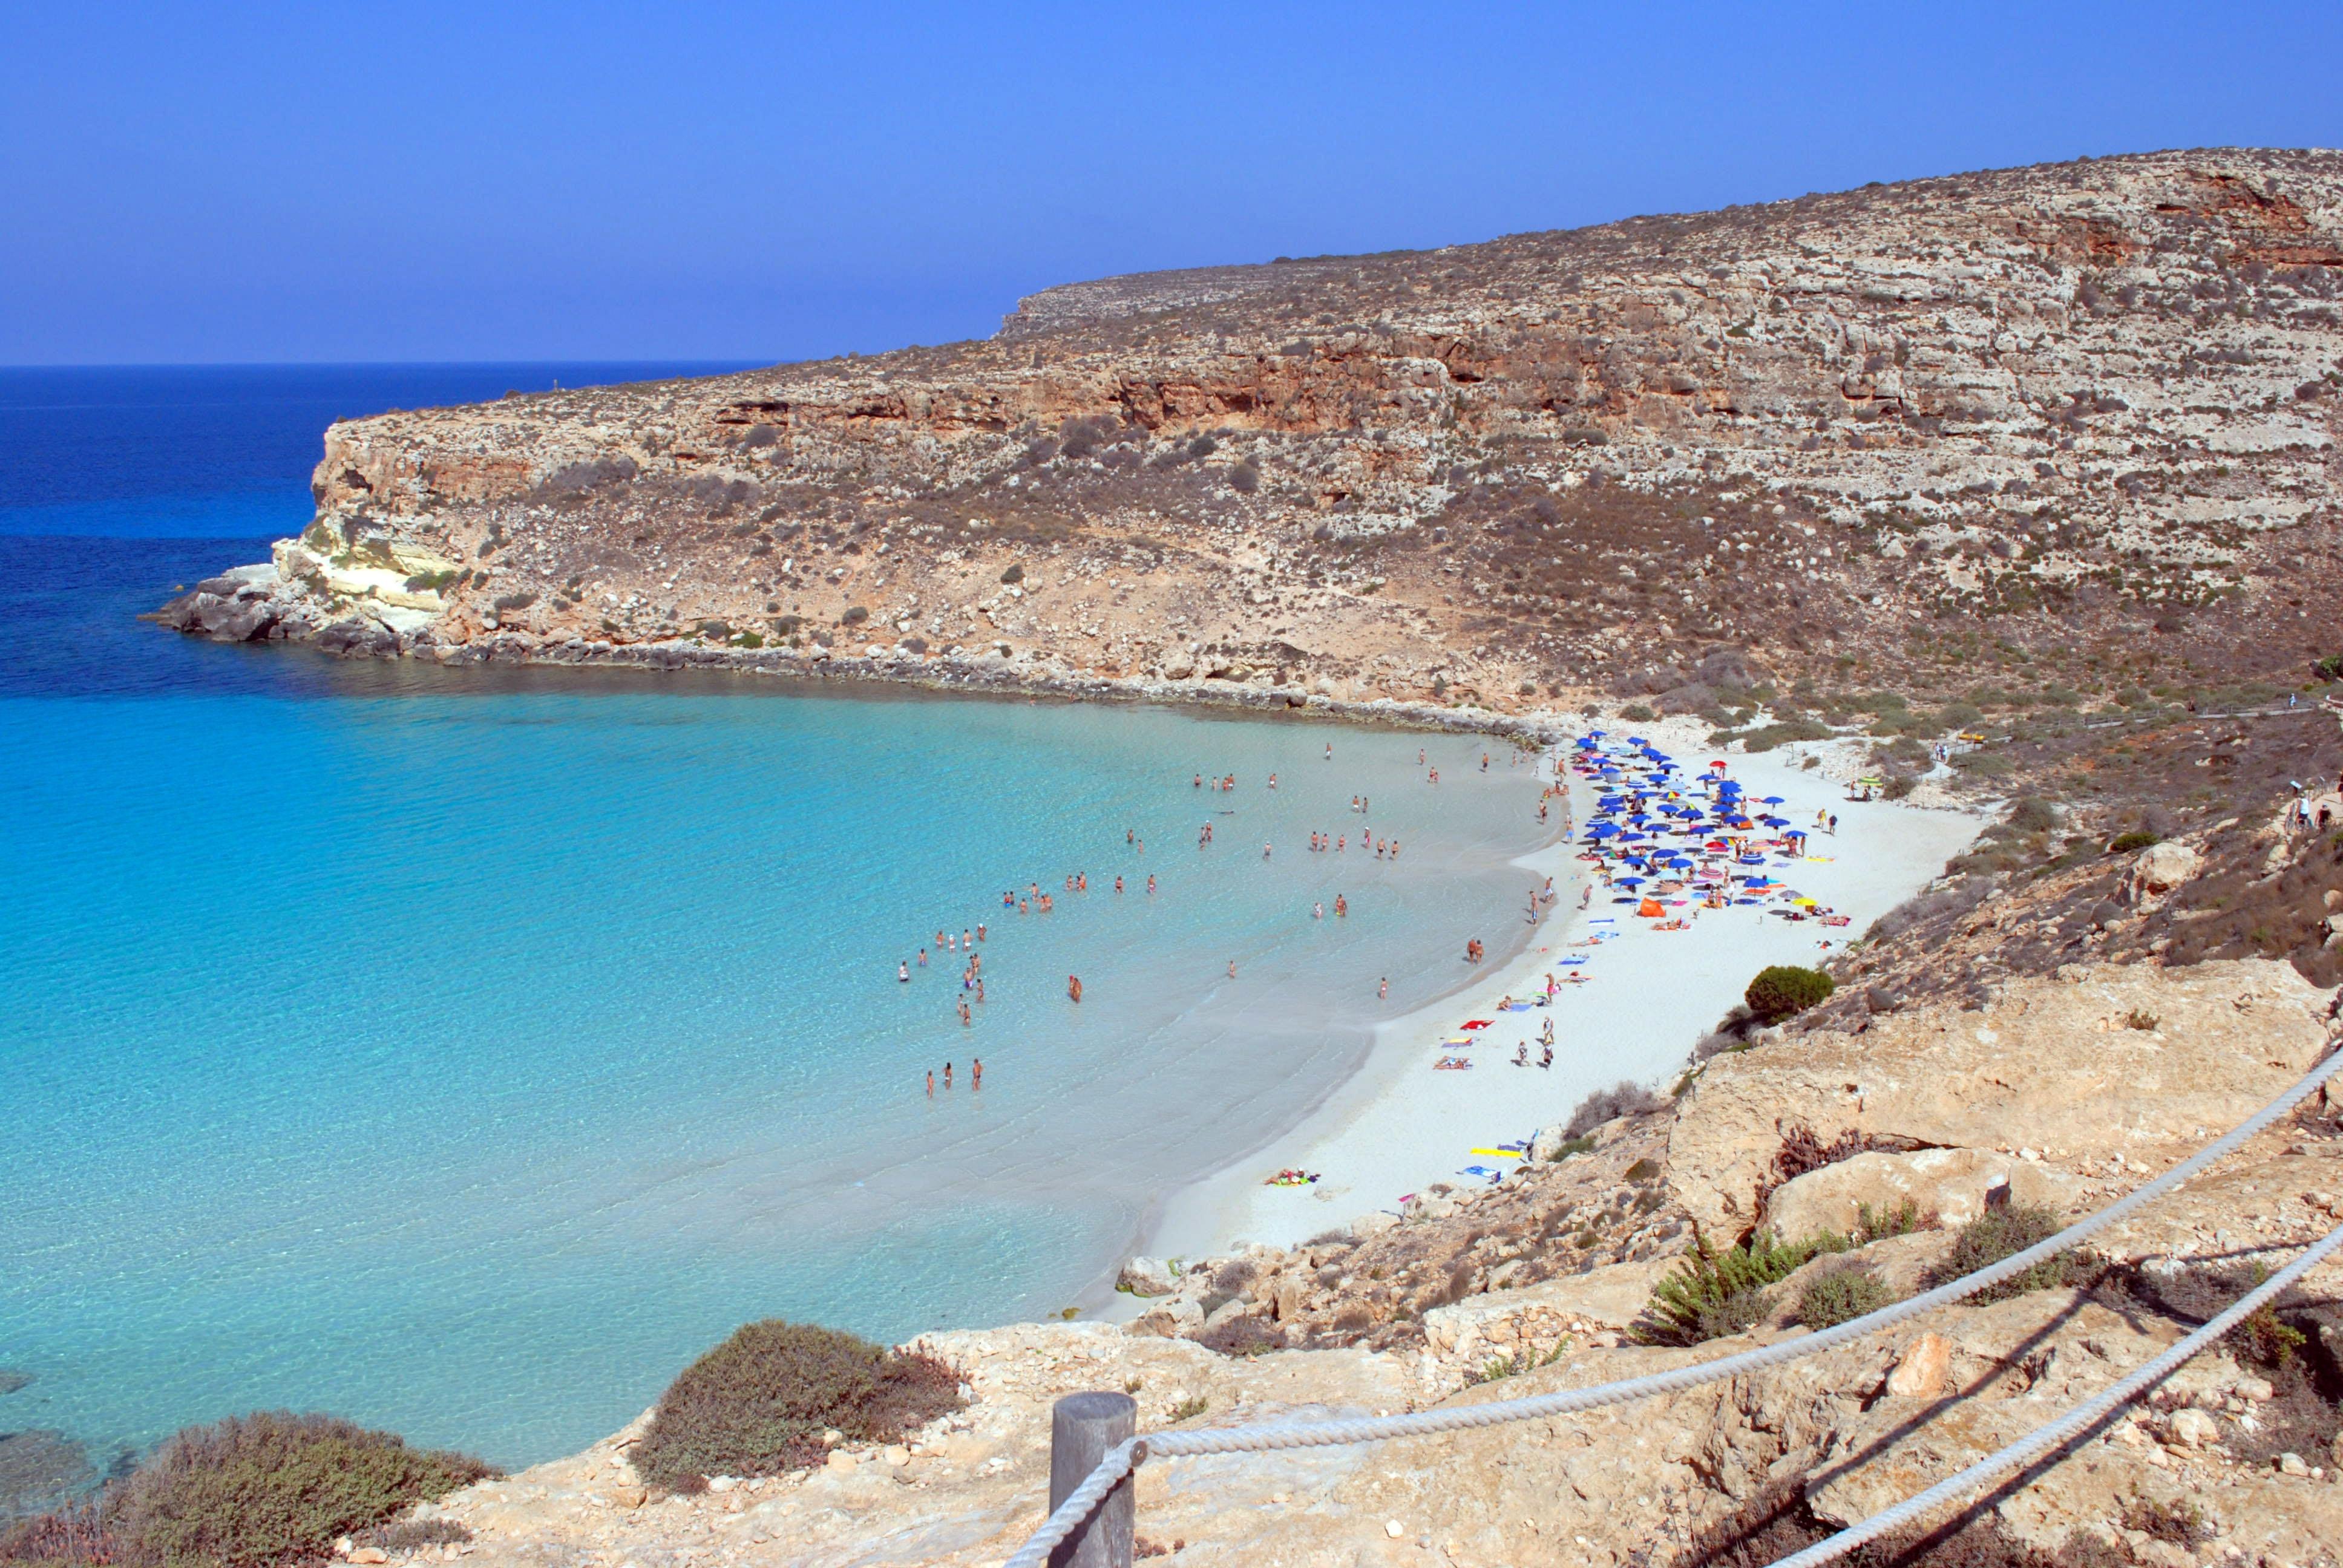 Пляж Байя де Конильи, Сицилия